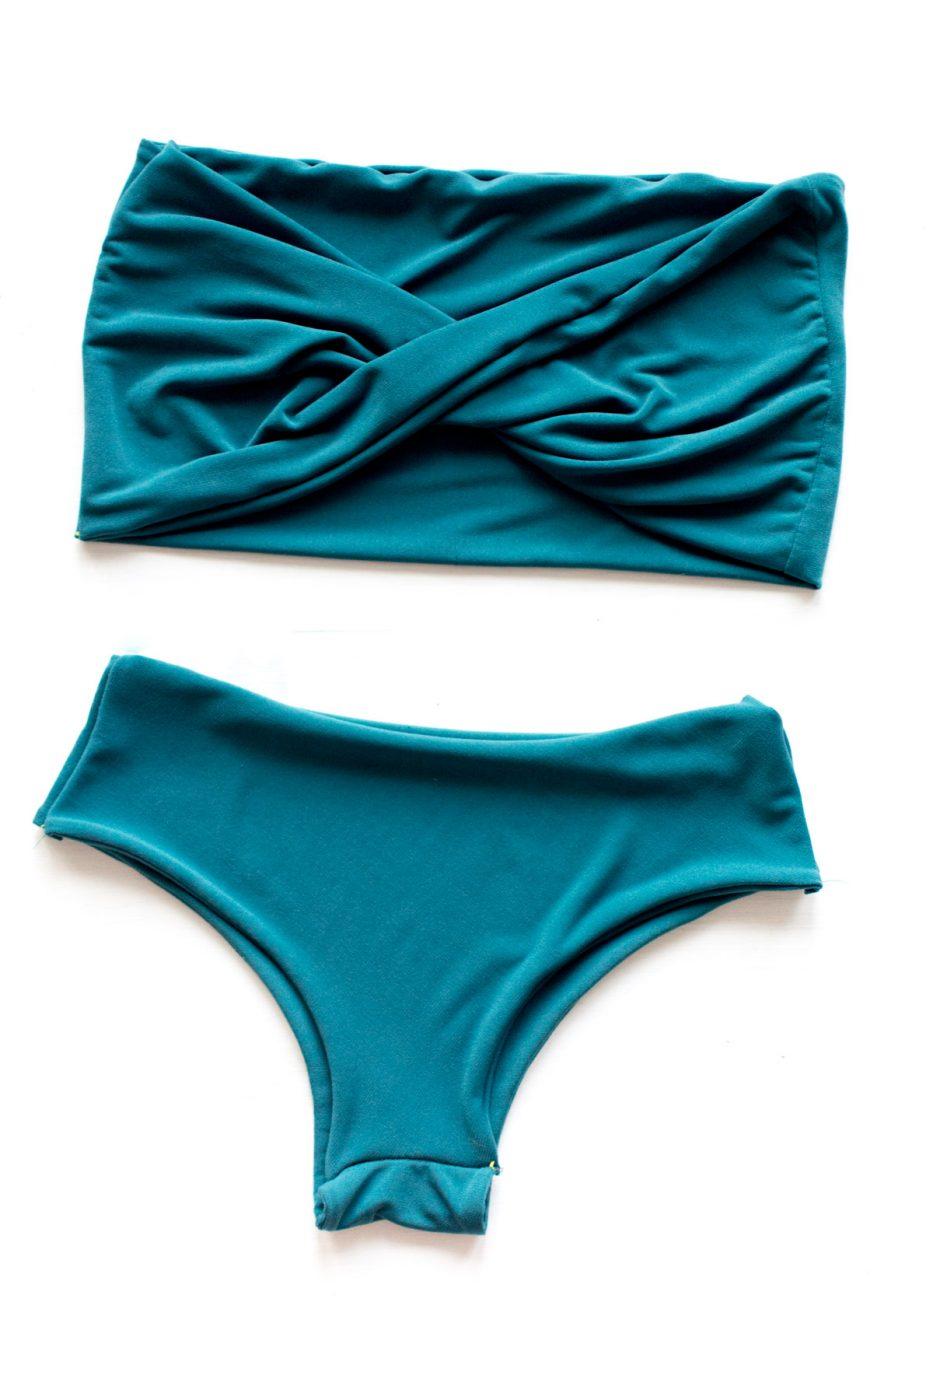 DIY Twist Bikini - Sweet Teal